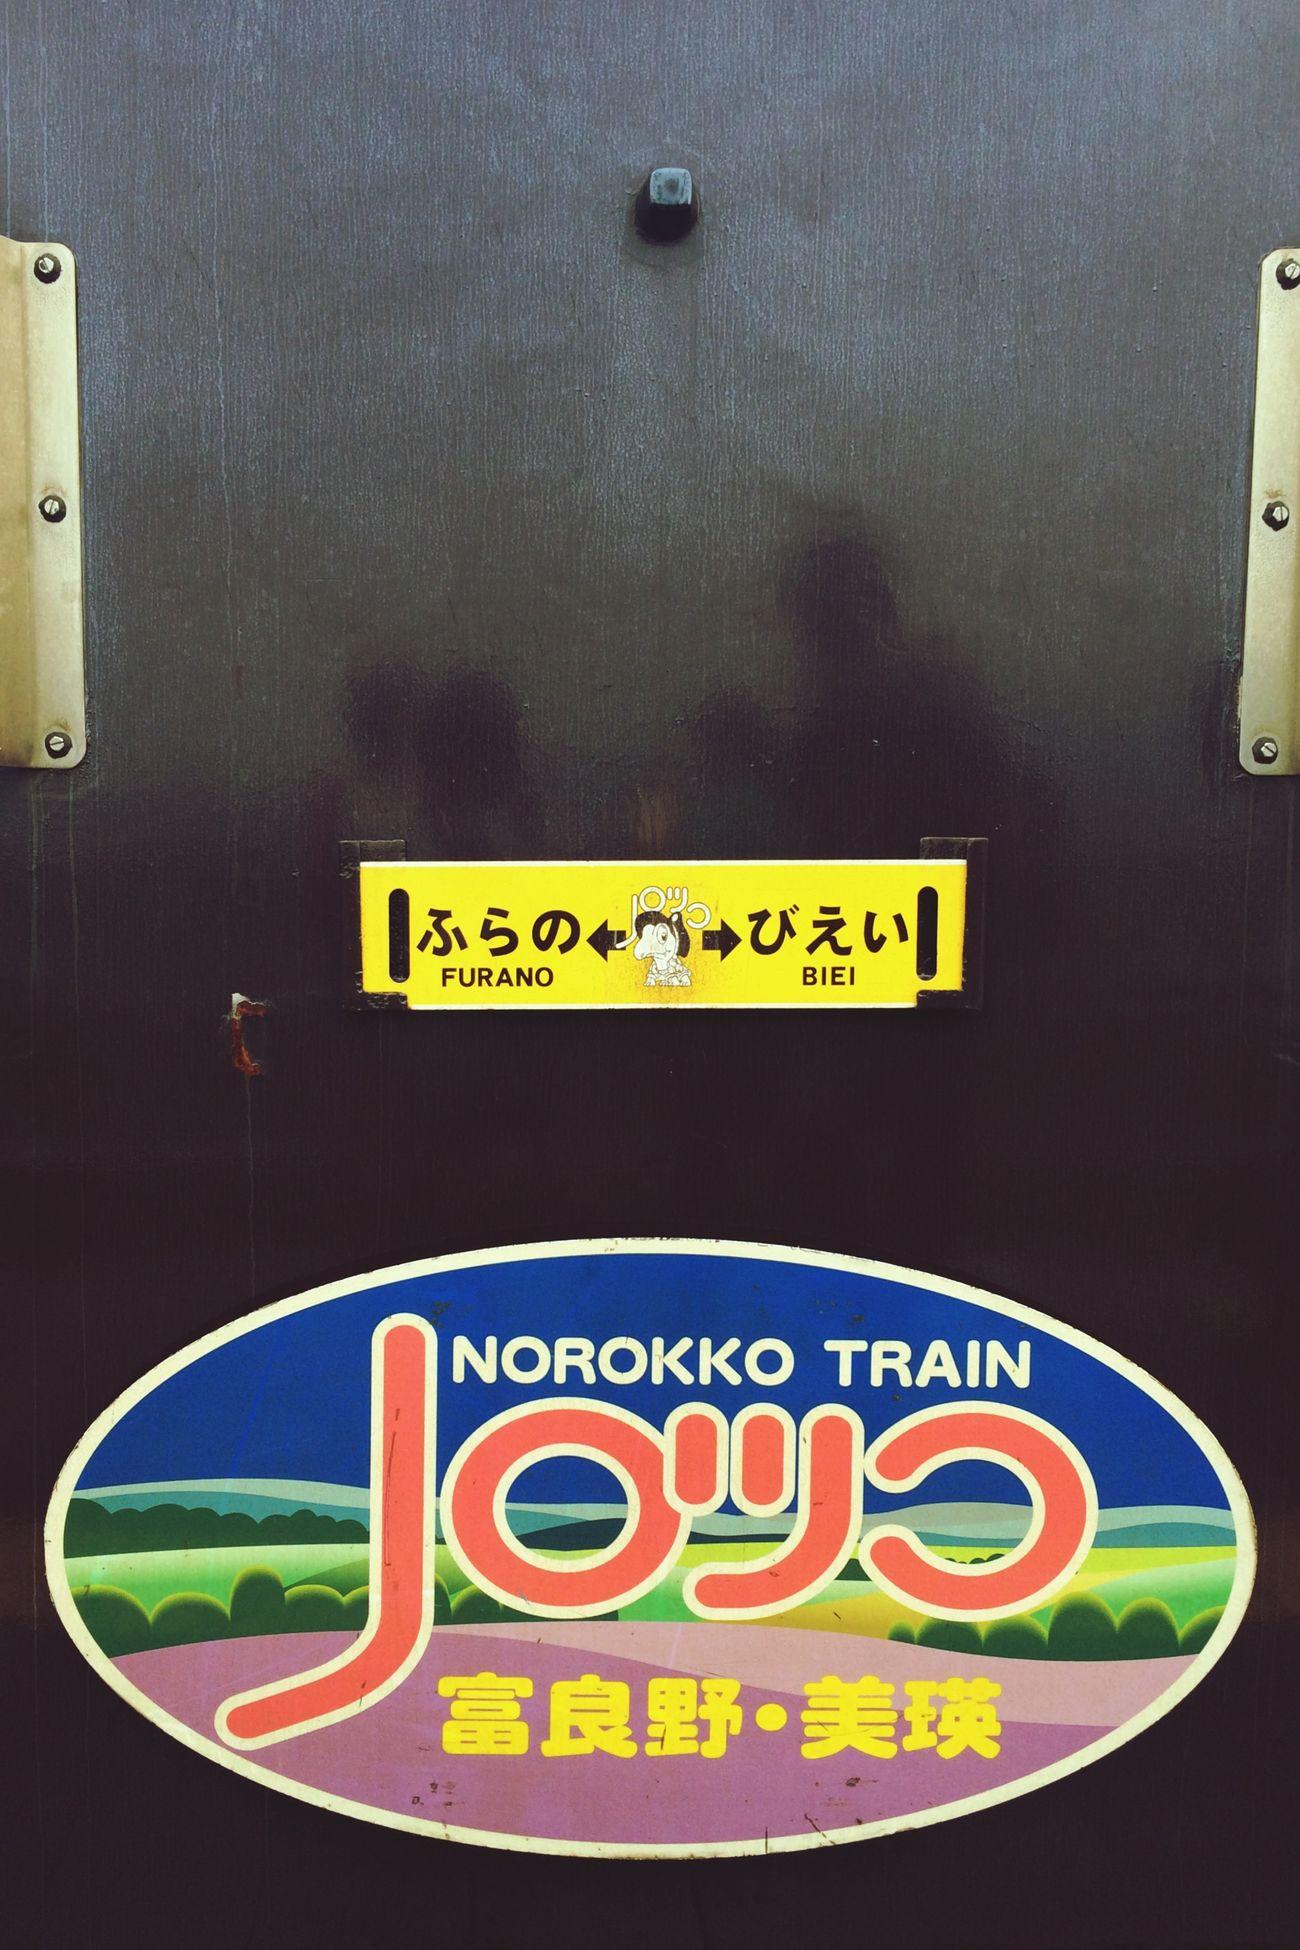 ノロッコ乗りました😬 Japan Railway Furano Hokkaido Japan